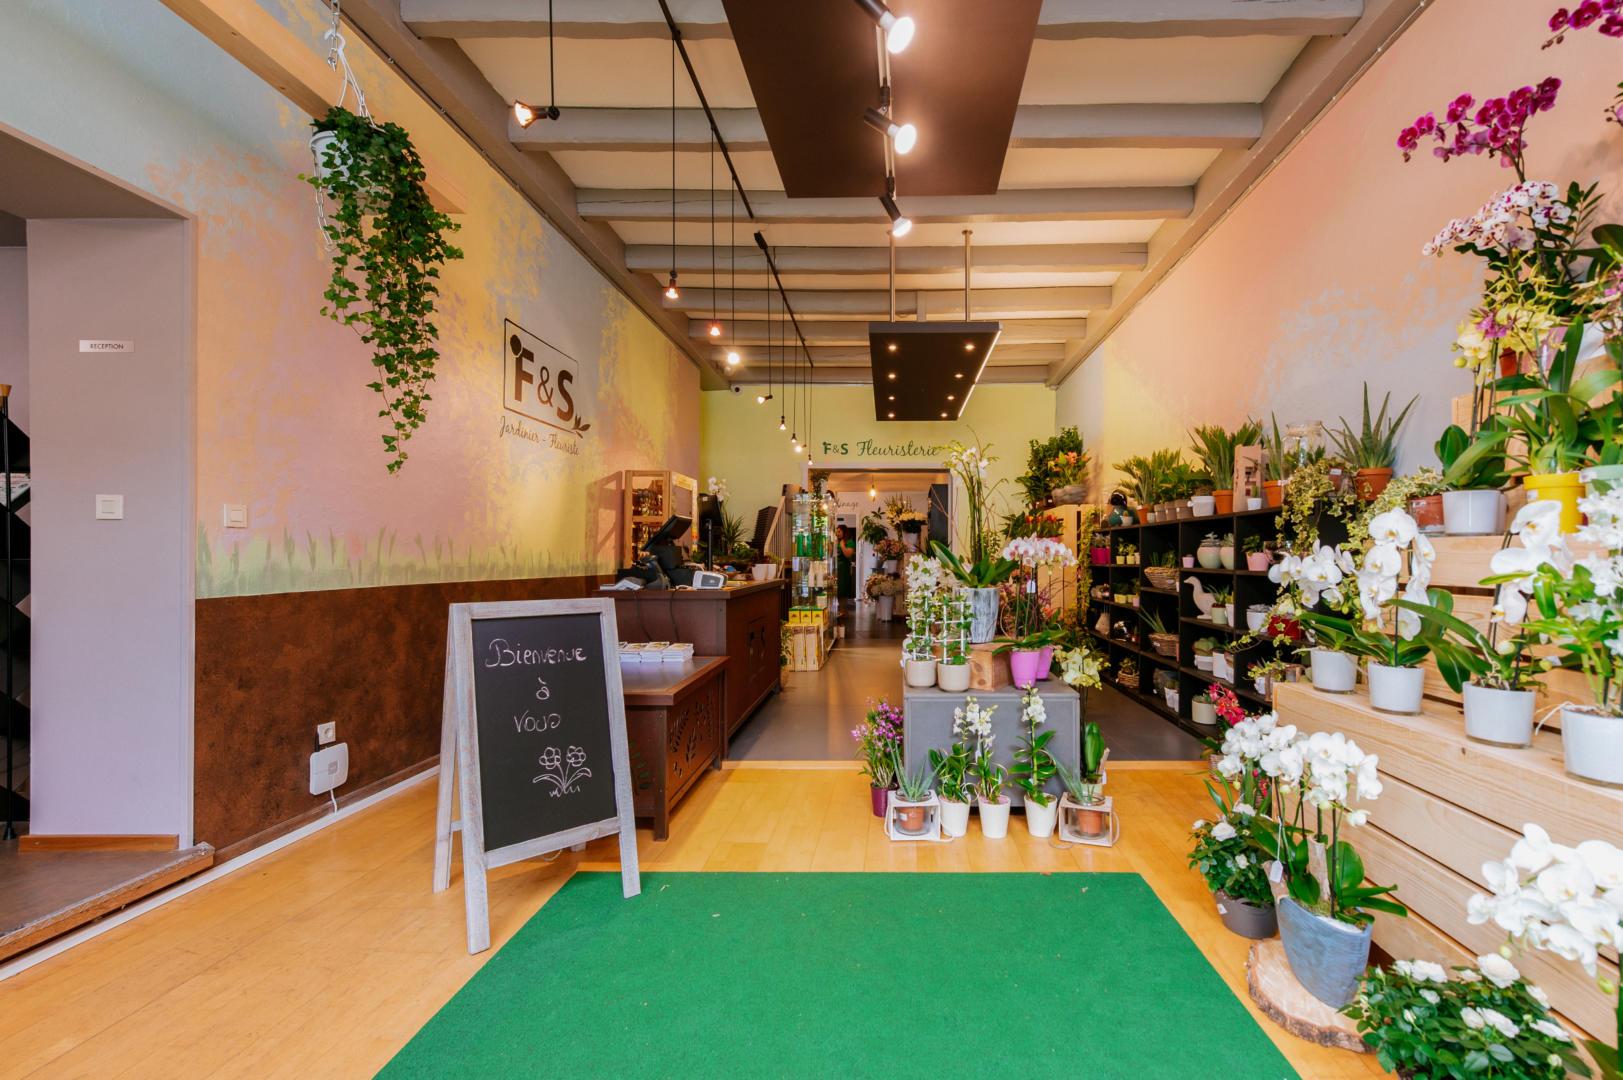 Ouverture du magasin F&S Fleuriste